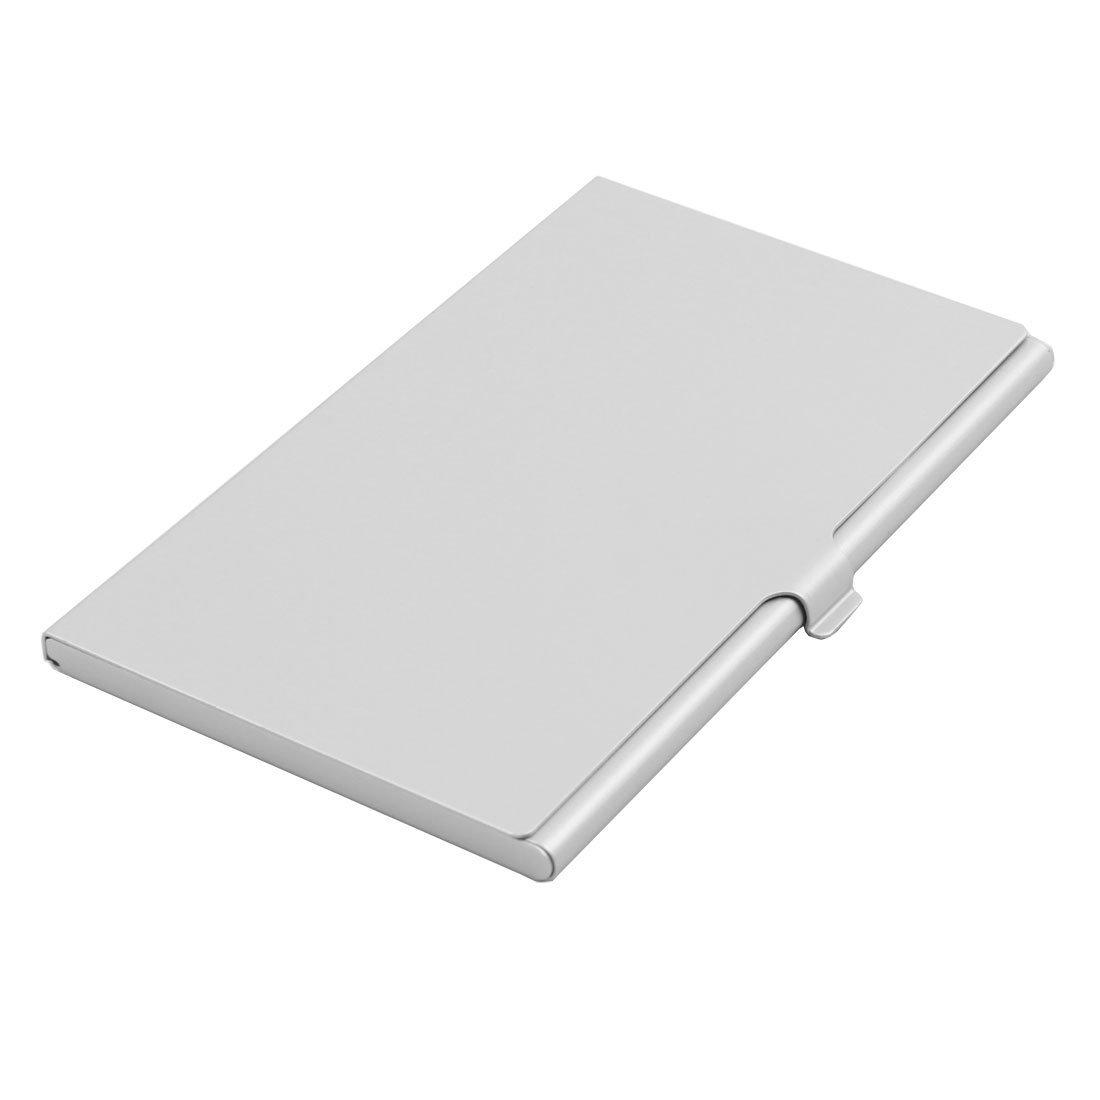 Amazon.com : DealMux liga de alumínio 7 Slots SIM Box cartão de armazenamento caso titular tom de prata para cartão de memória TF SD : Office Products